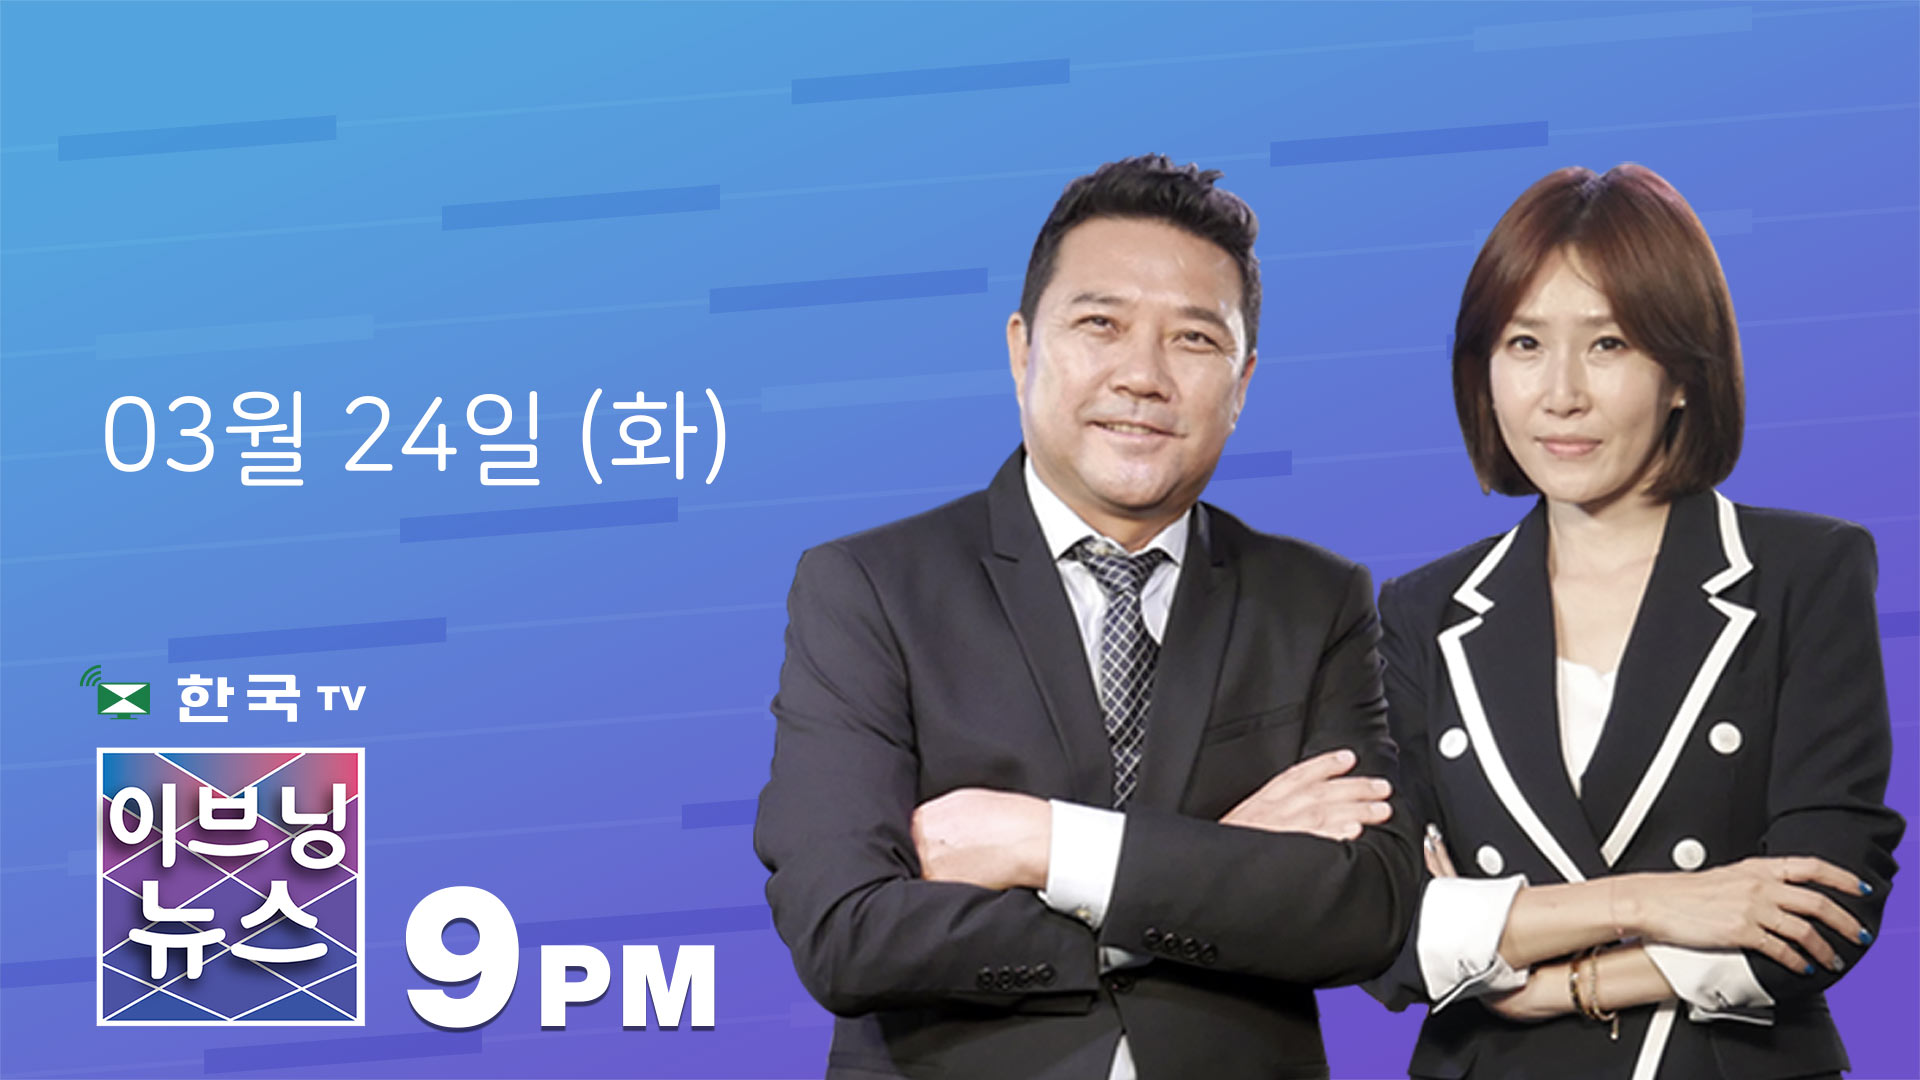 (03.24.2020) 한국TV 이브닝 뉴스